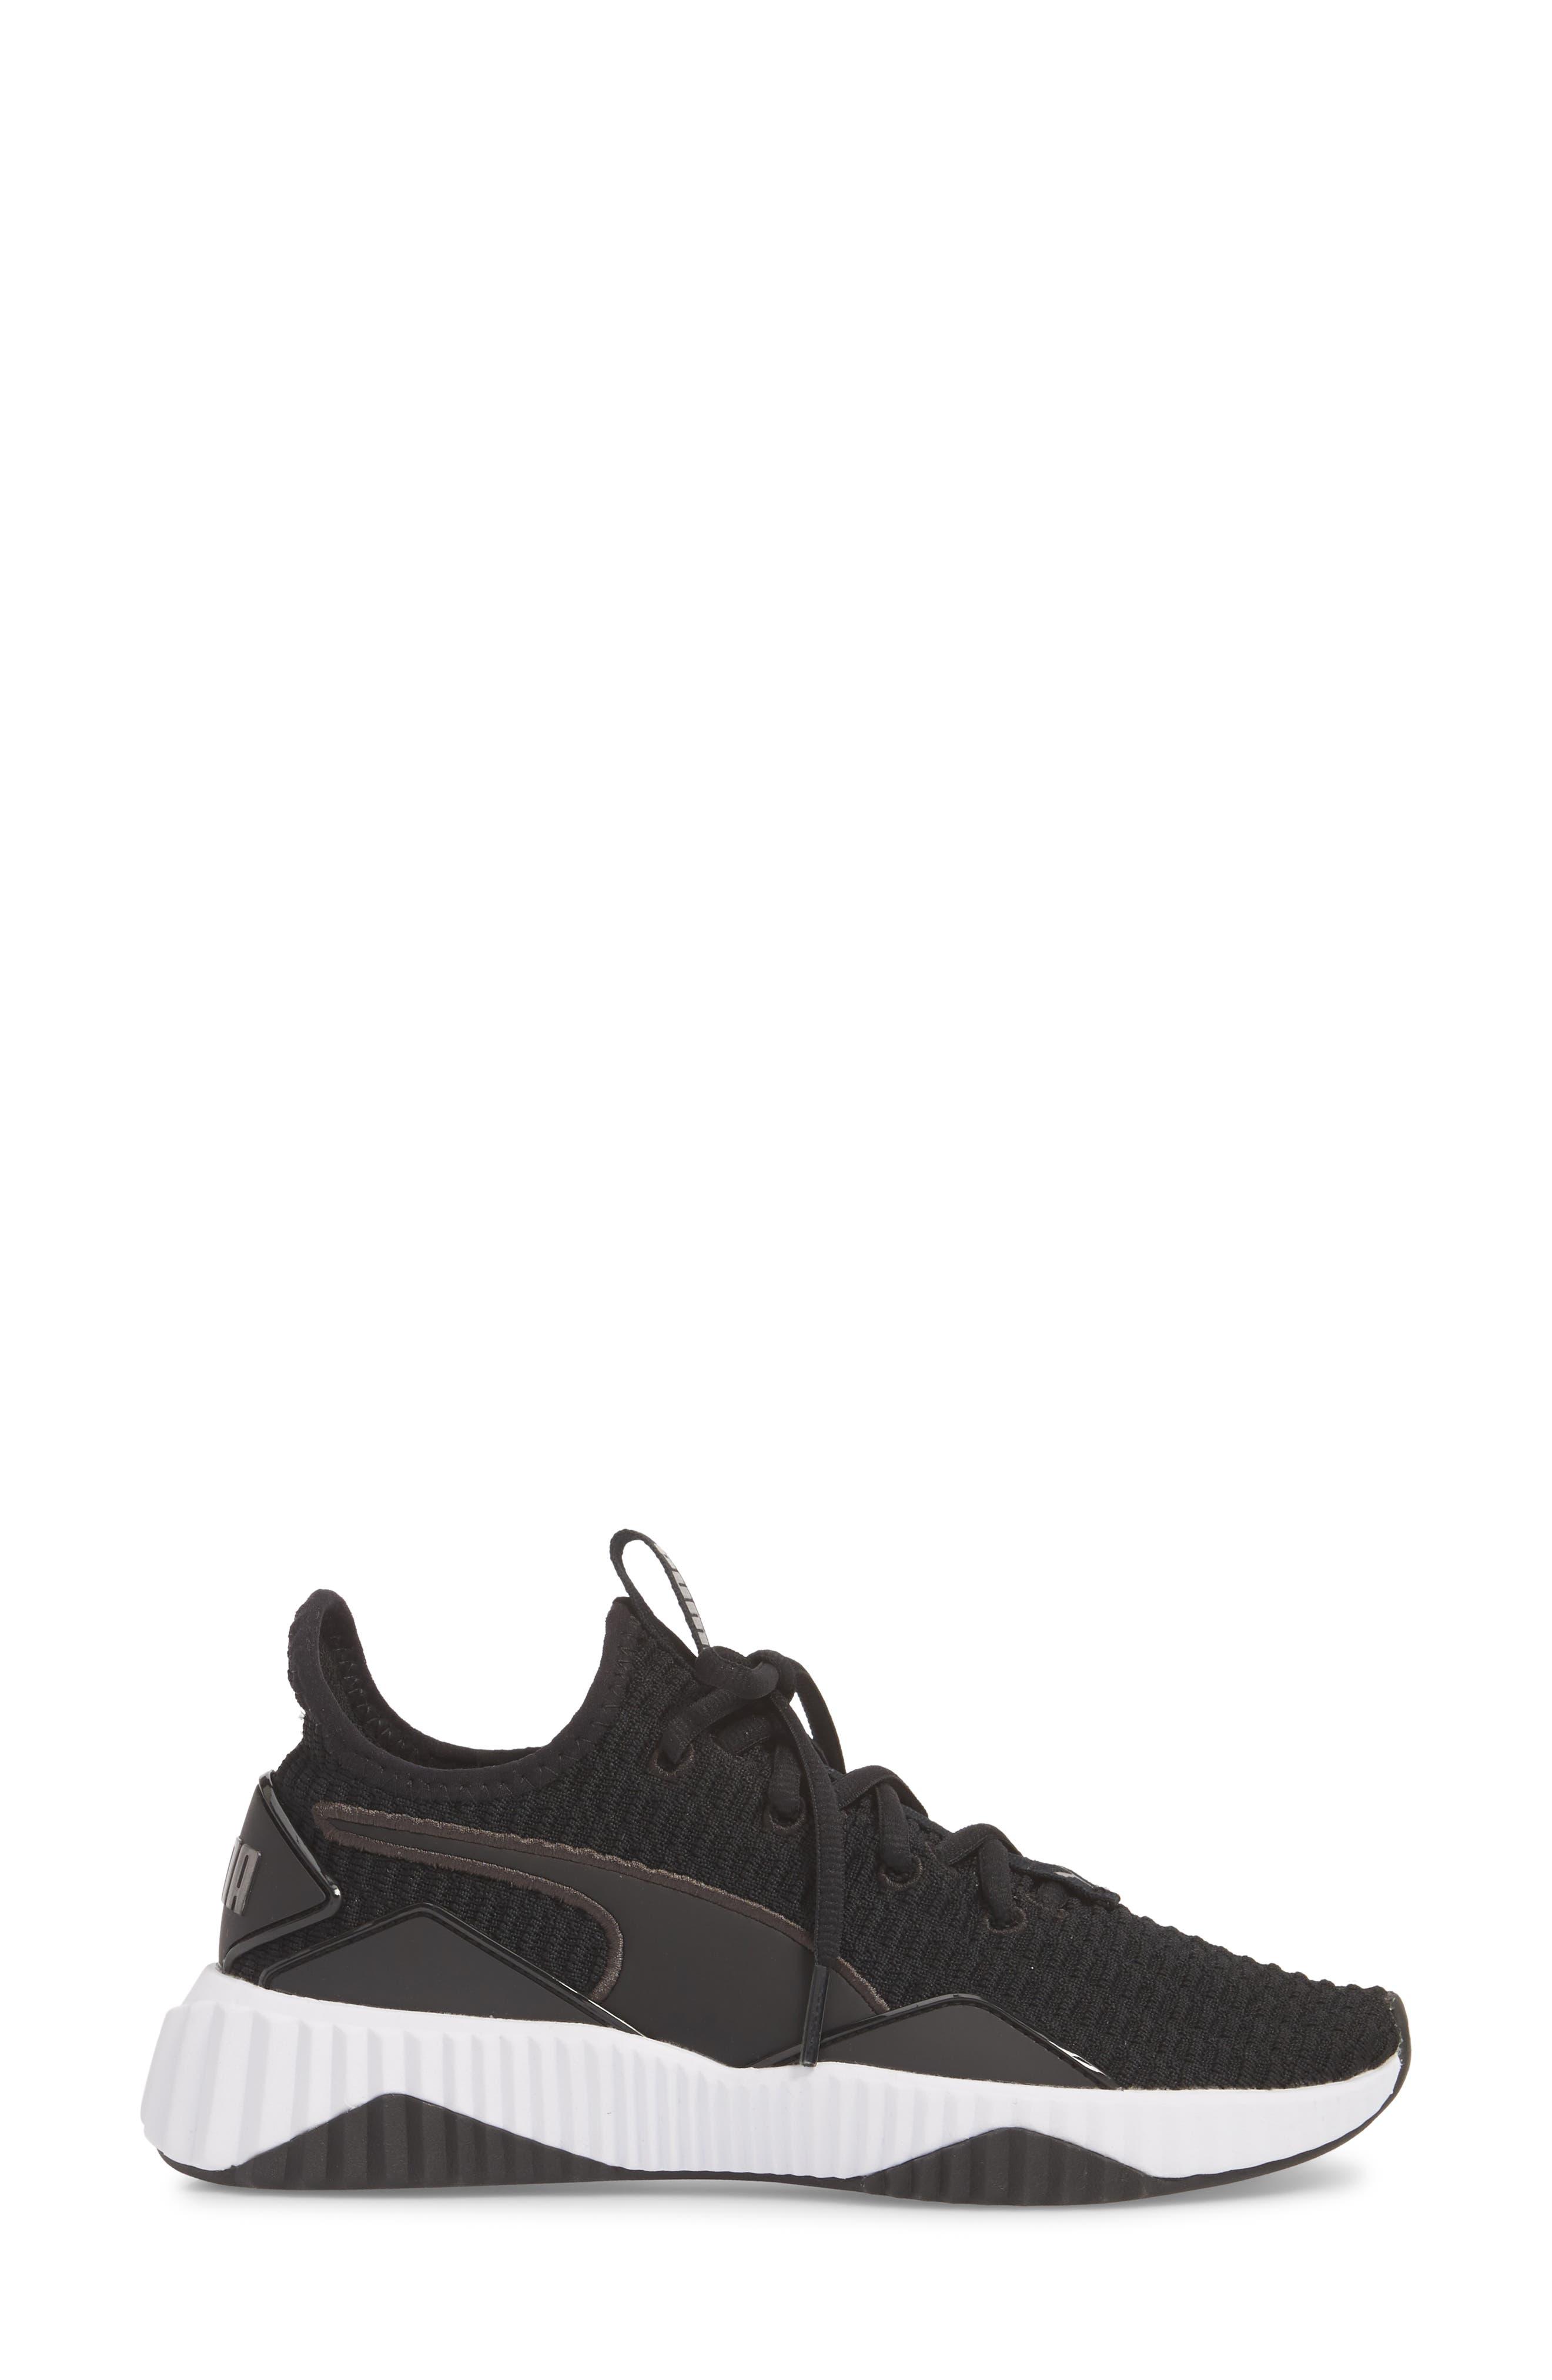 Defy Sneaker,                             Alternate thumbnail 3, color,                             001